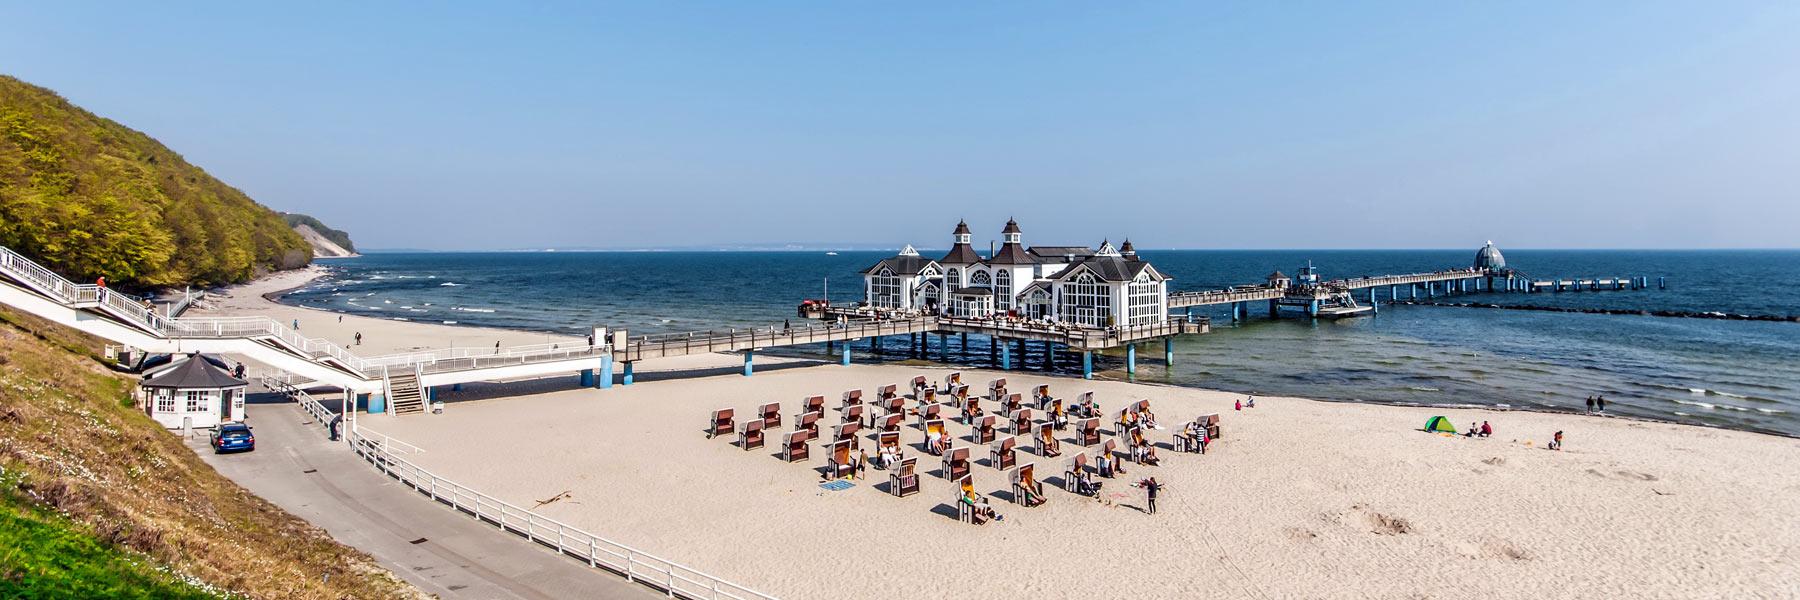 Strand - Ostseebad Sellin